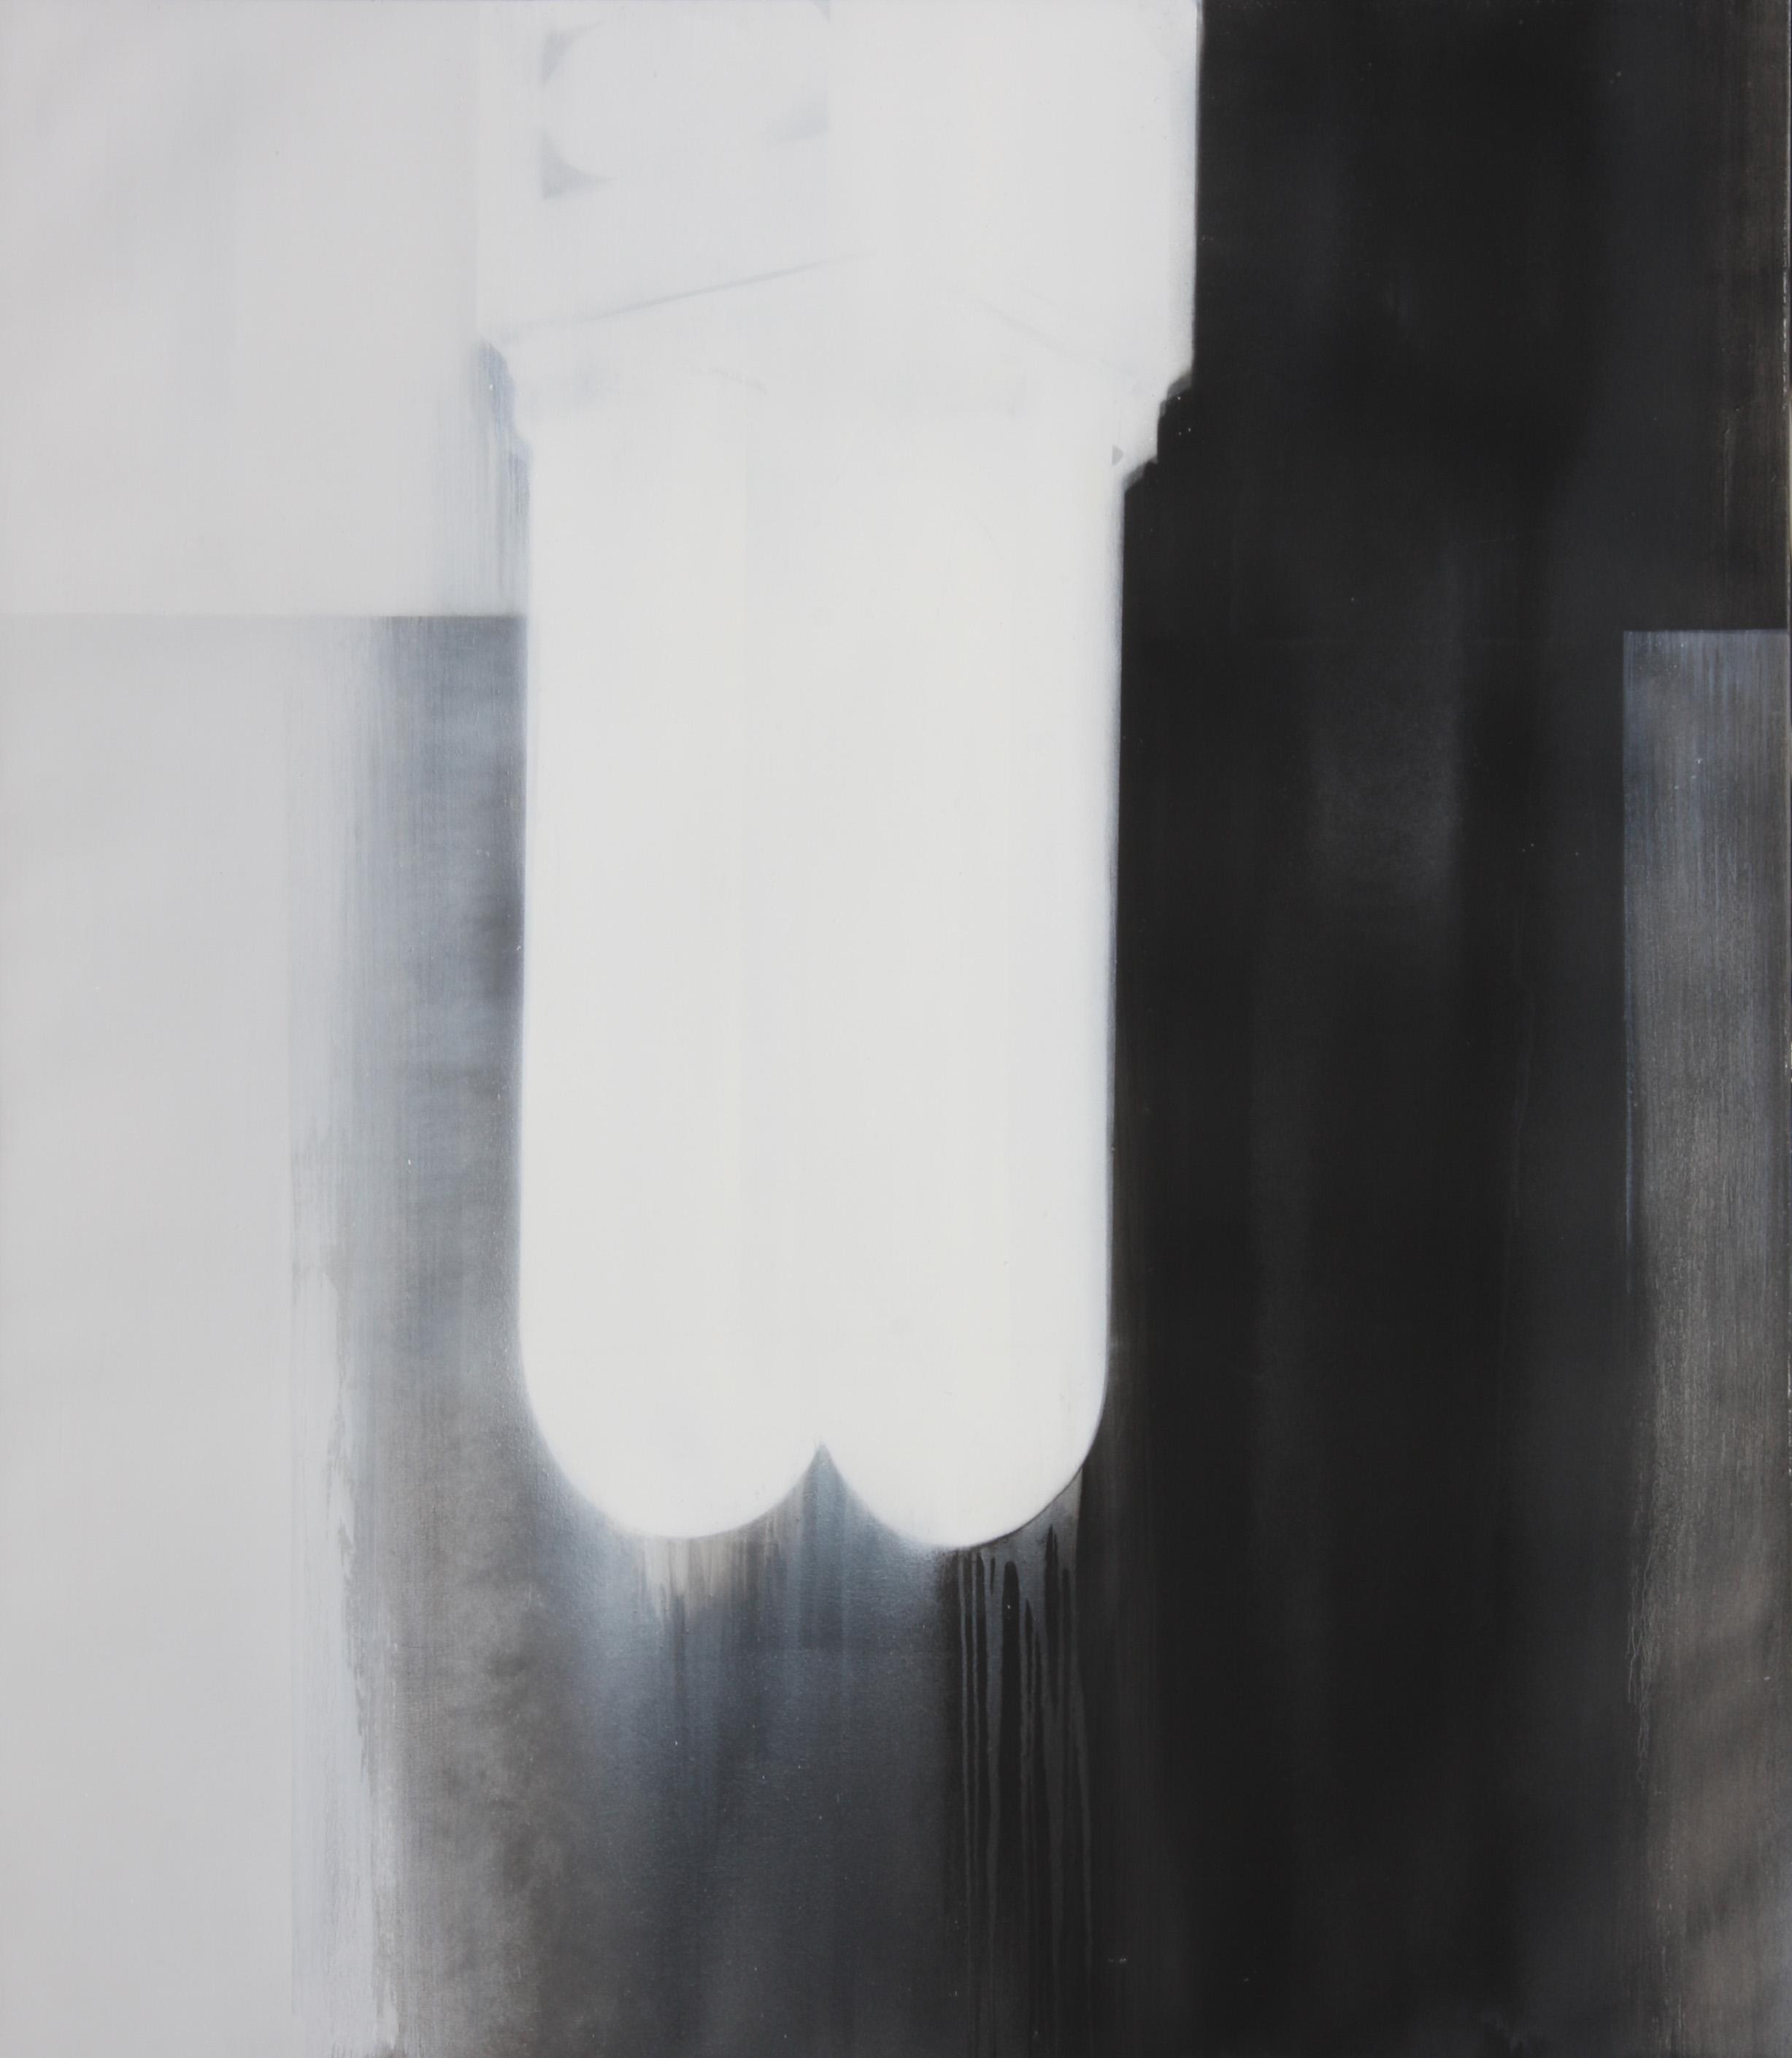 Kopie von 0223013 2002 Öl-Leinwand 230 x 200 cm